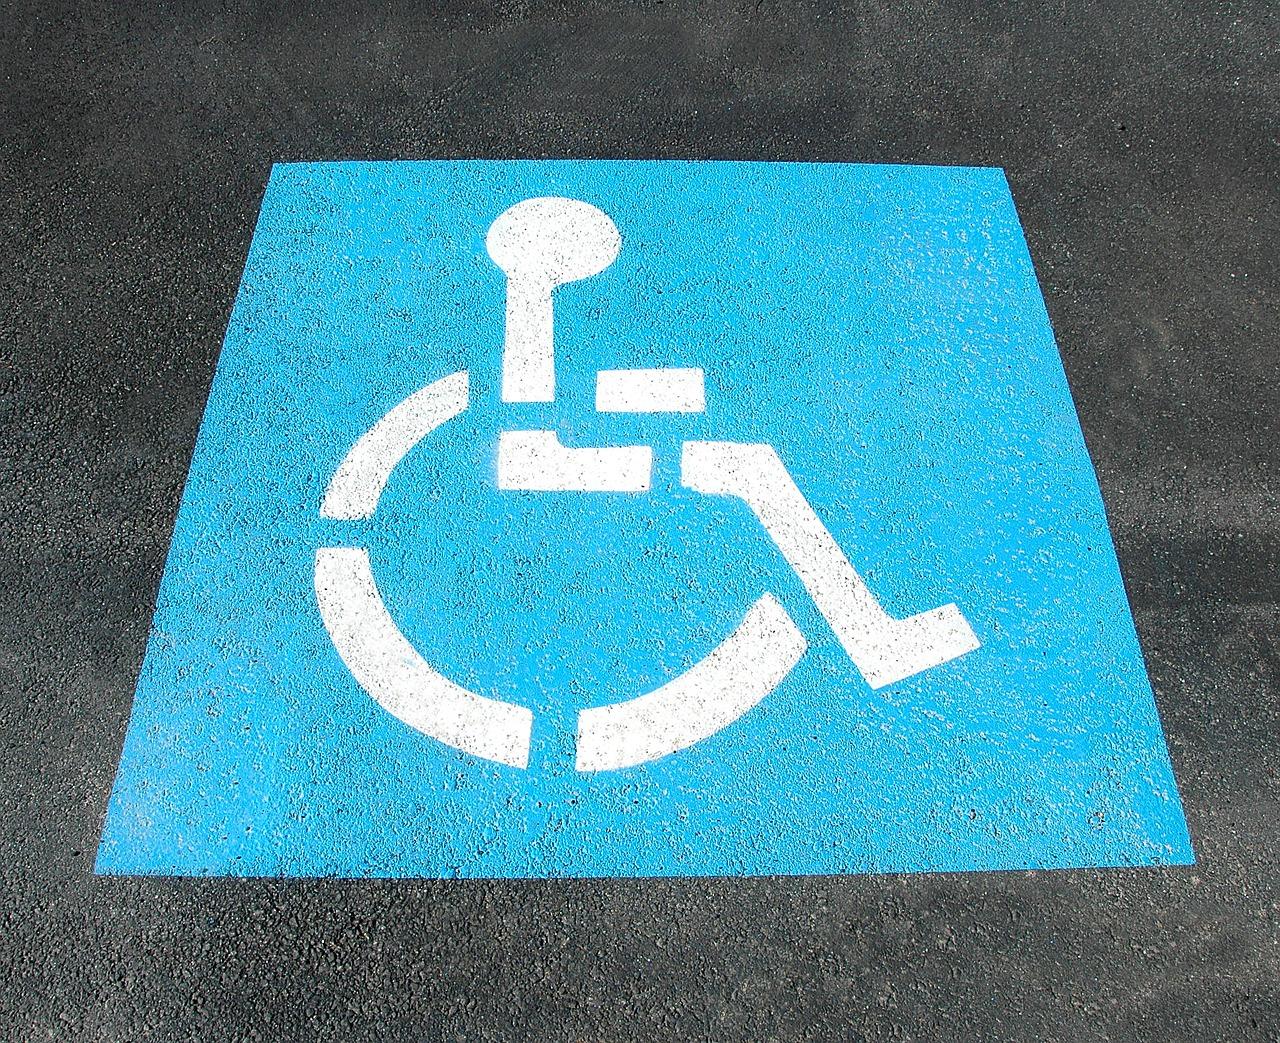 Foto do símbolo da acessibilidade pintado no chão.